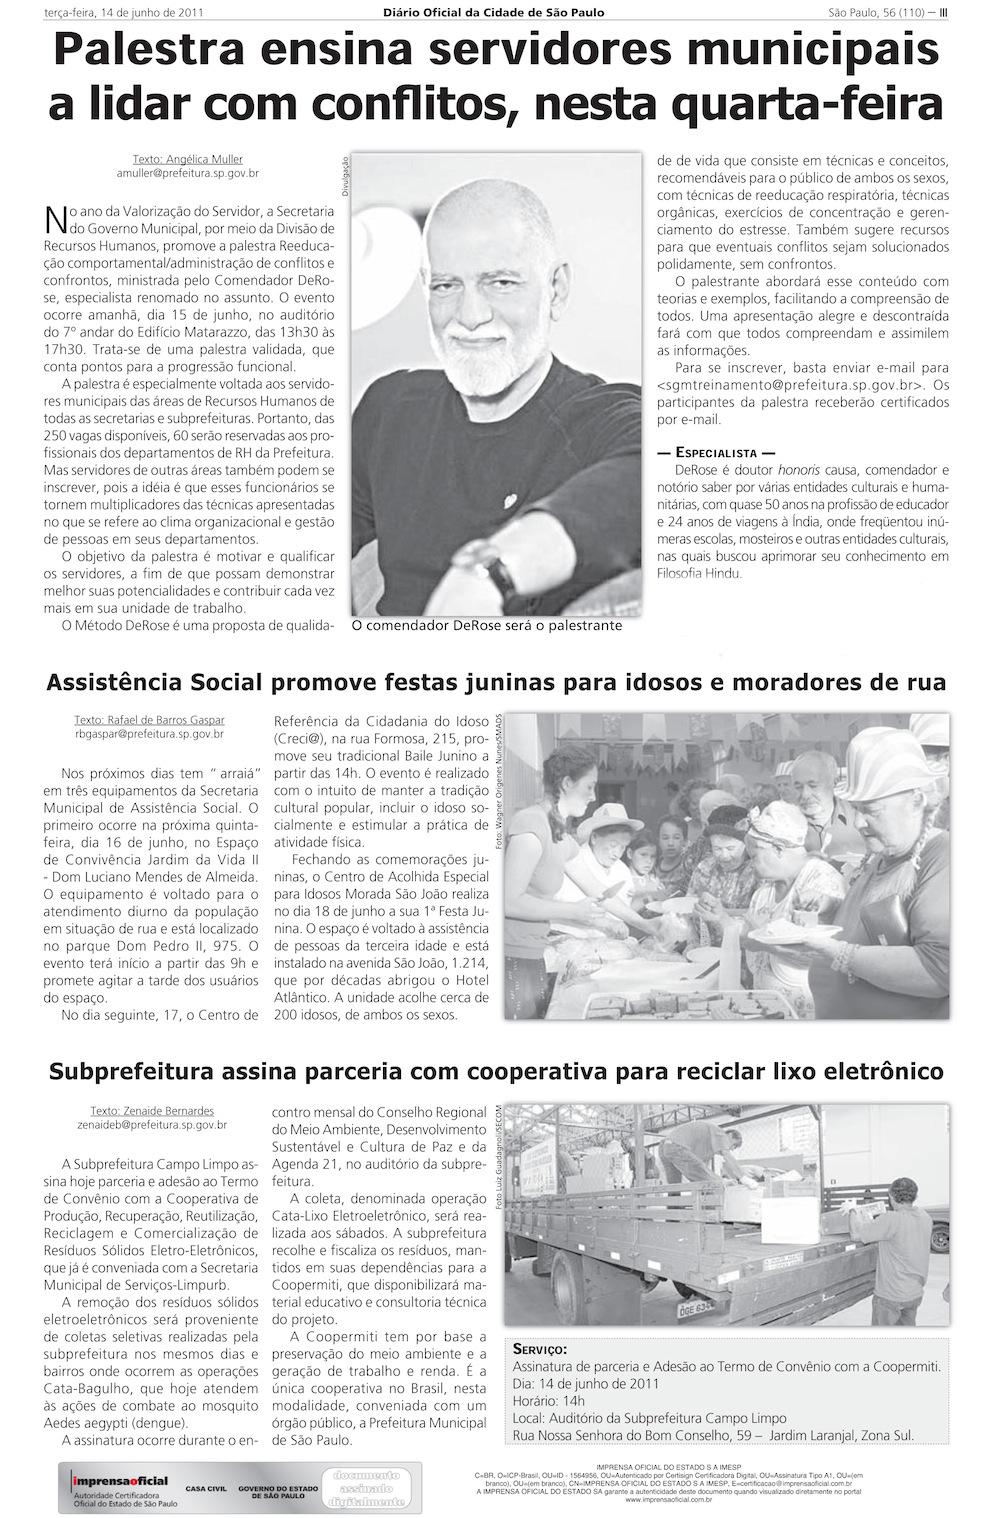 Diário Oficial, 14/6/2011, pagina III